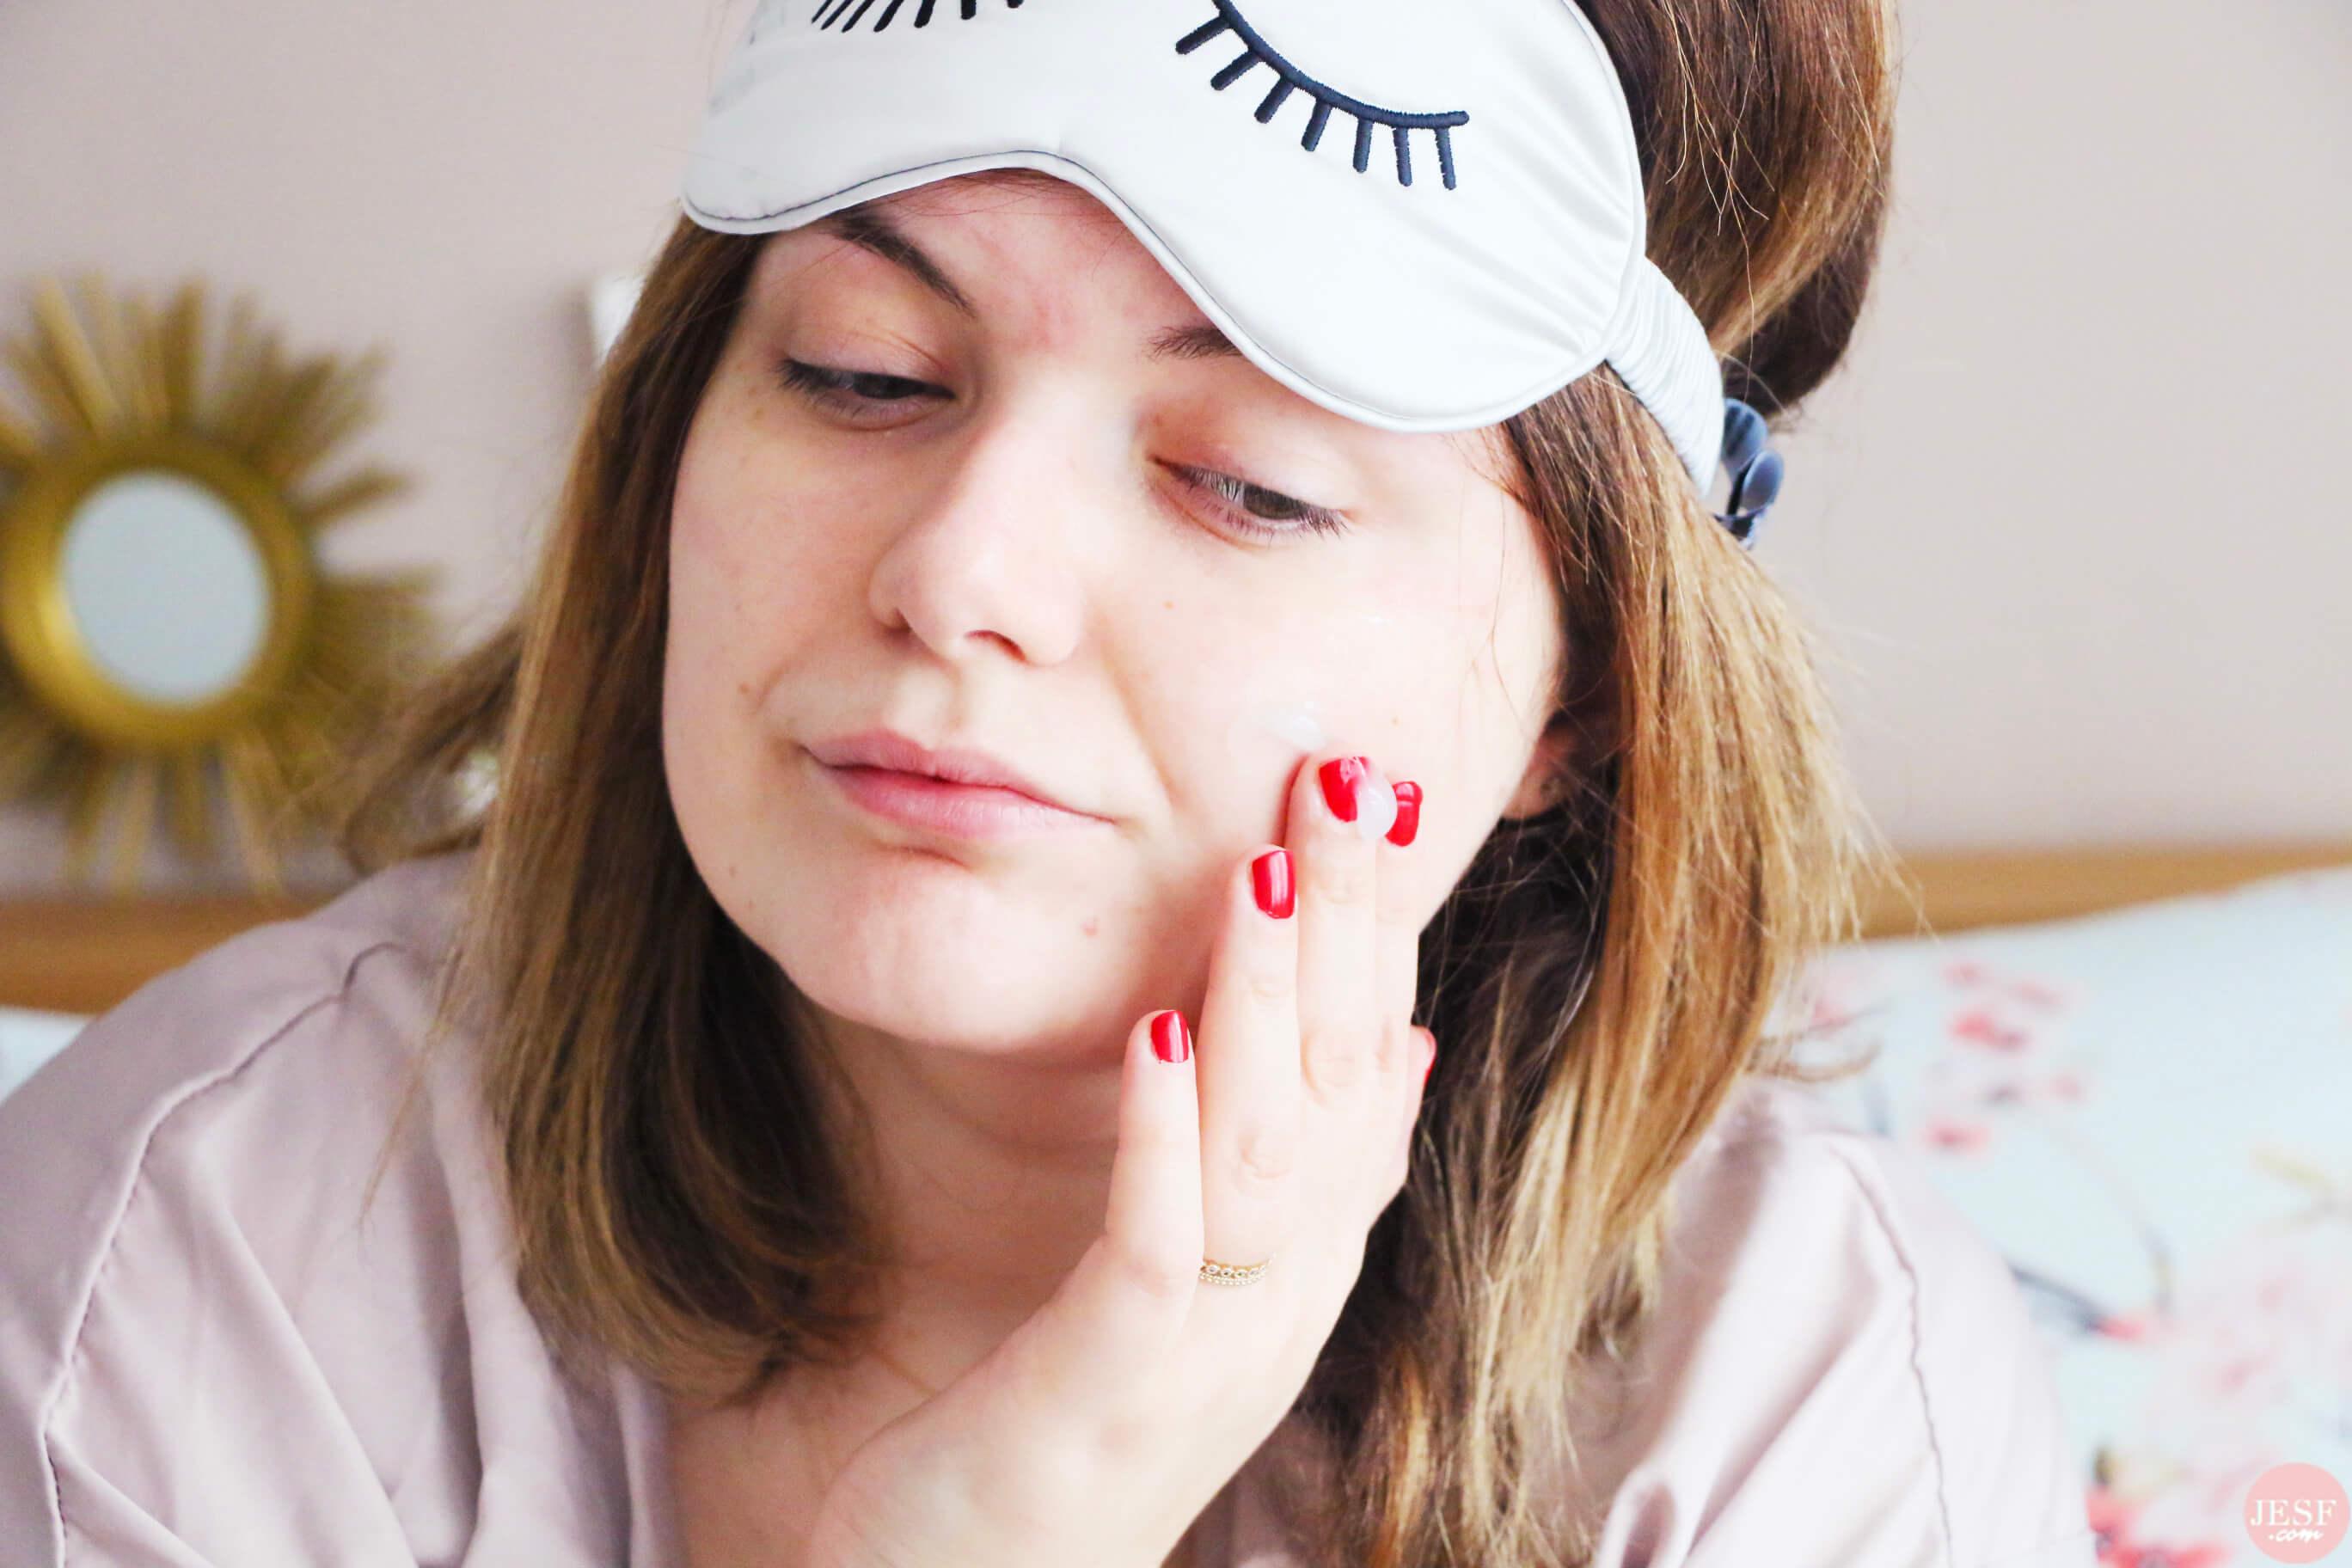 avis-masque-nuit-hydratant-belif-peau-sensible-sèche-mixte-grasse-texture-gel(6)